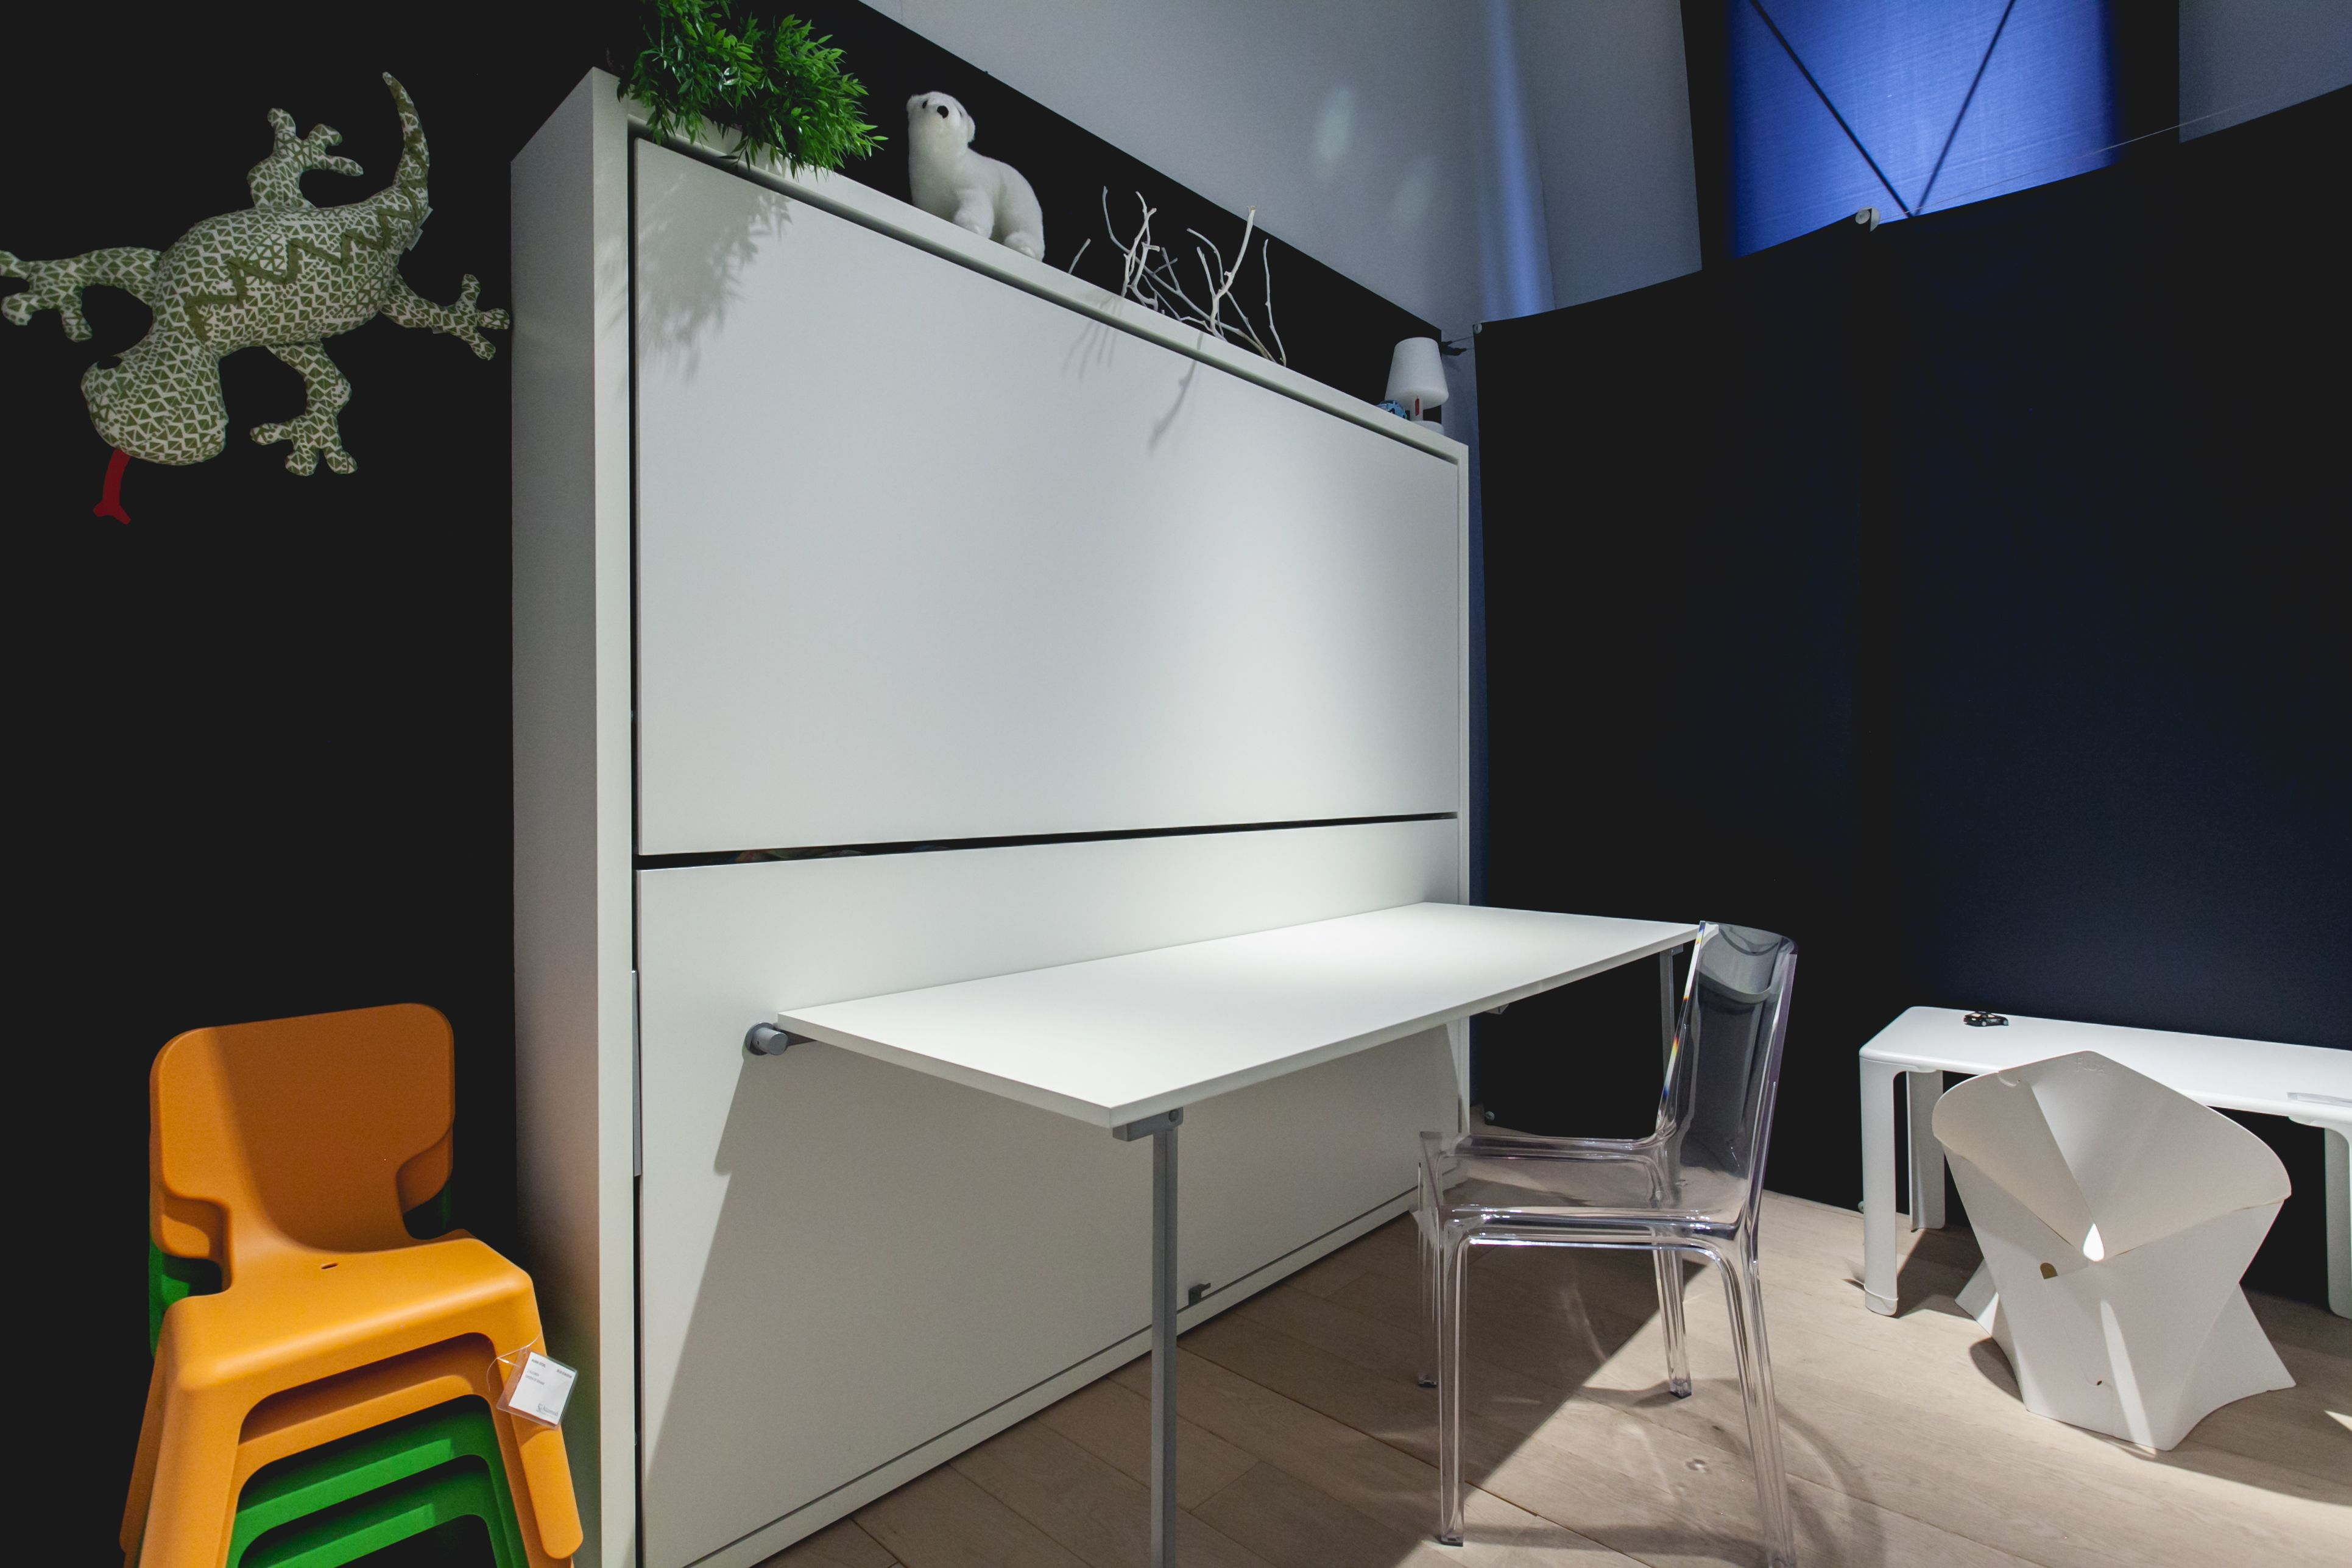 l Ontdek CLEI l  Een breed programma van multifunctionele meubelen dat meer ruimte in huis creëert. Met enkele bewegingen verandert een meubel in een volwaardig bed met lattenbodem. Geschikt om elke dag te gebruiken en elke dag weer opnieuw het plezier te ervaren van het innovatieve ontwerp en het gemak.